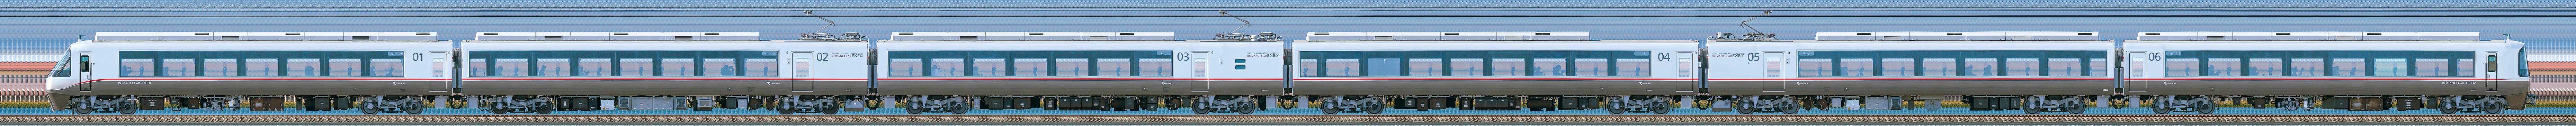 小田急30000形ロマンスカー「EXEα」30252×6(海側)の編成サイドビュー